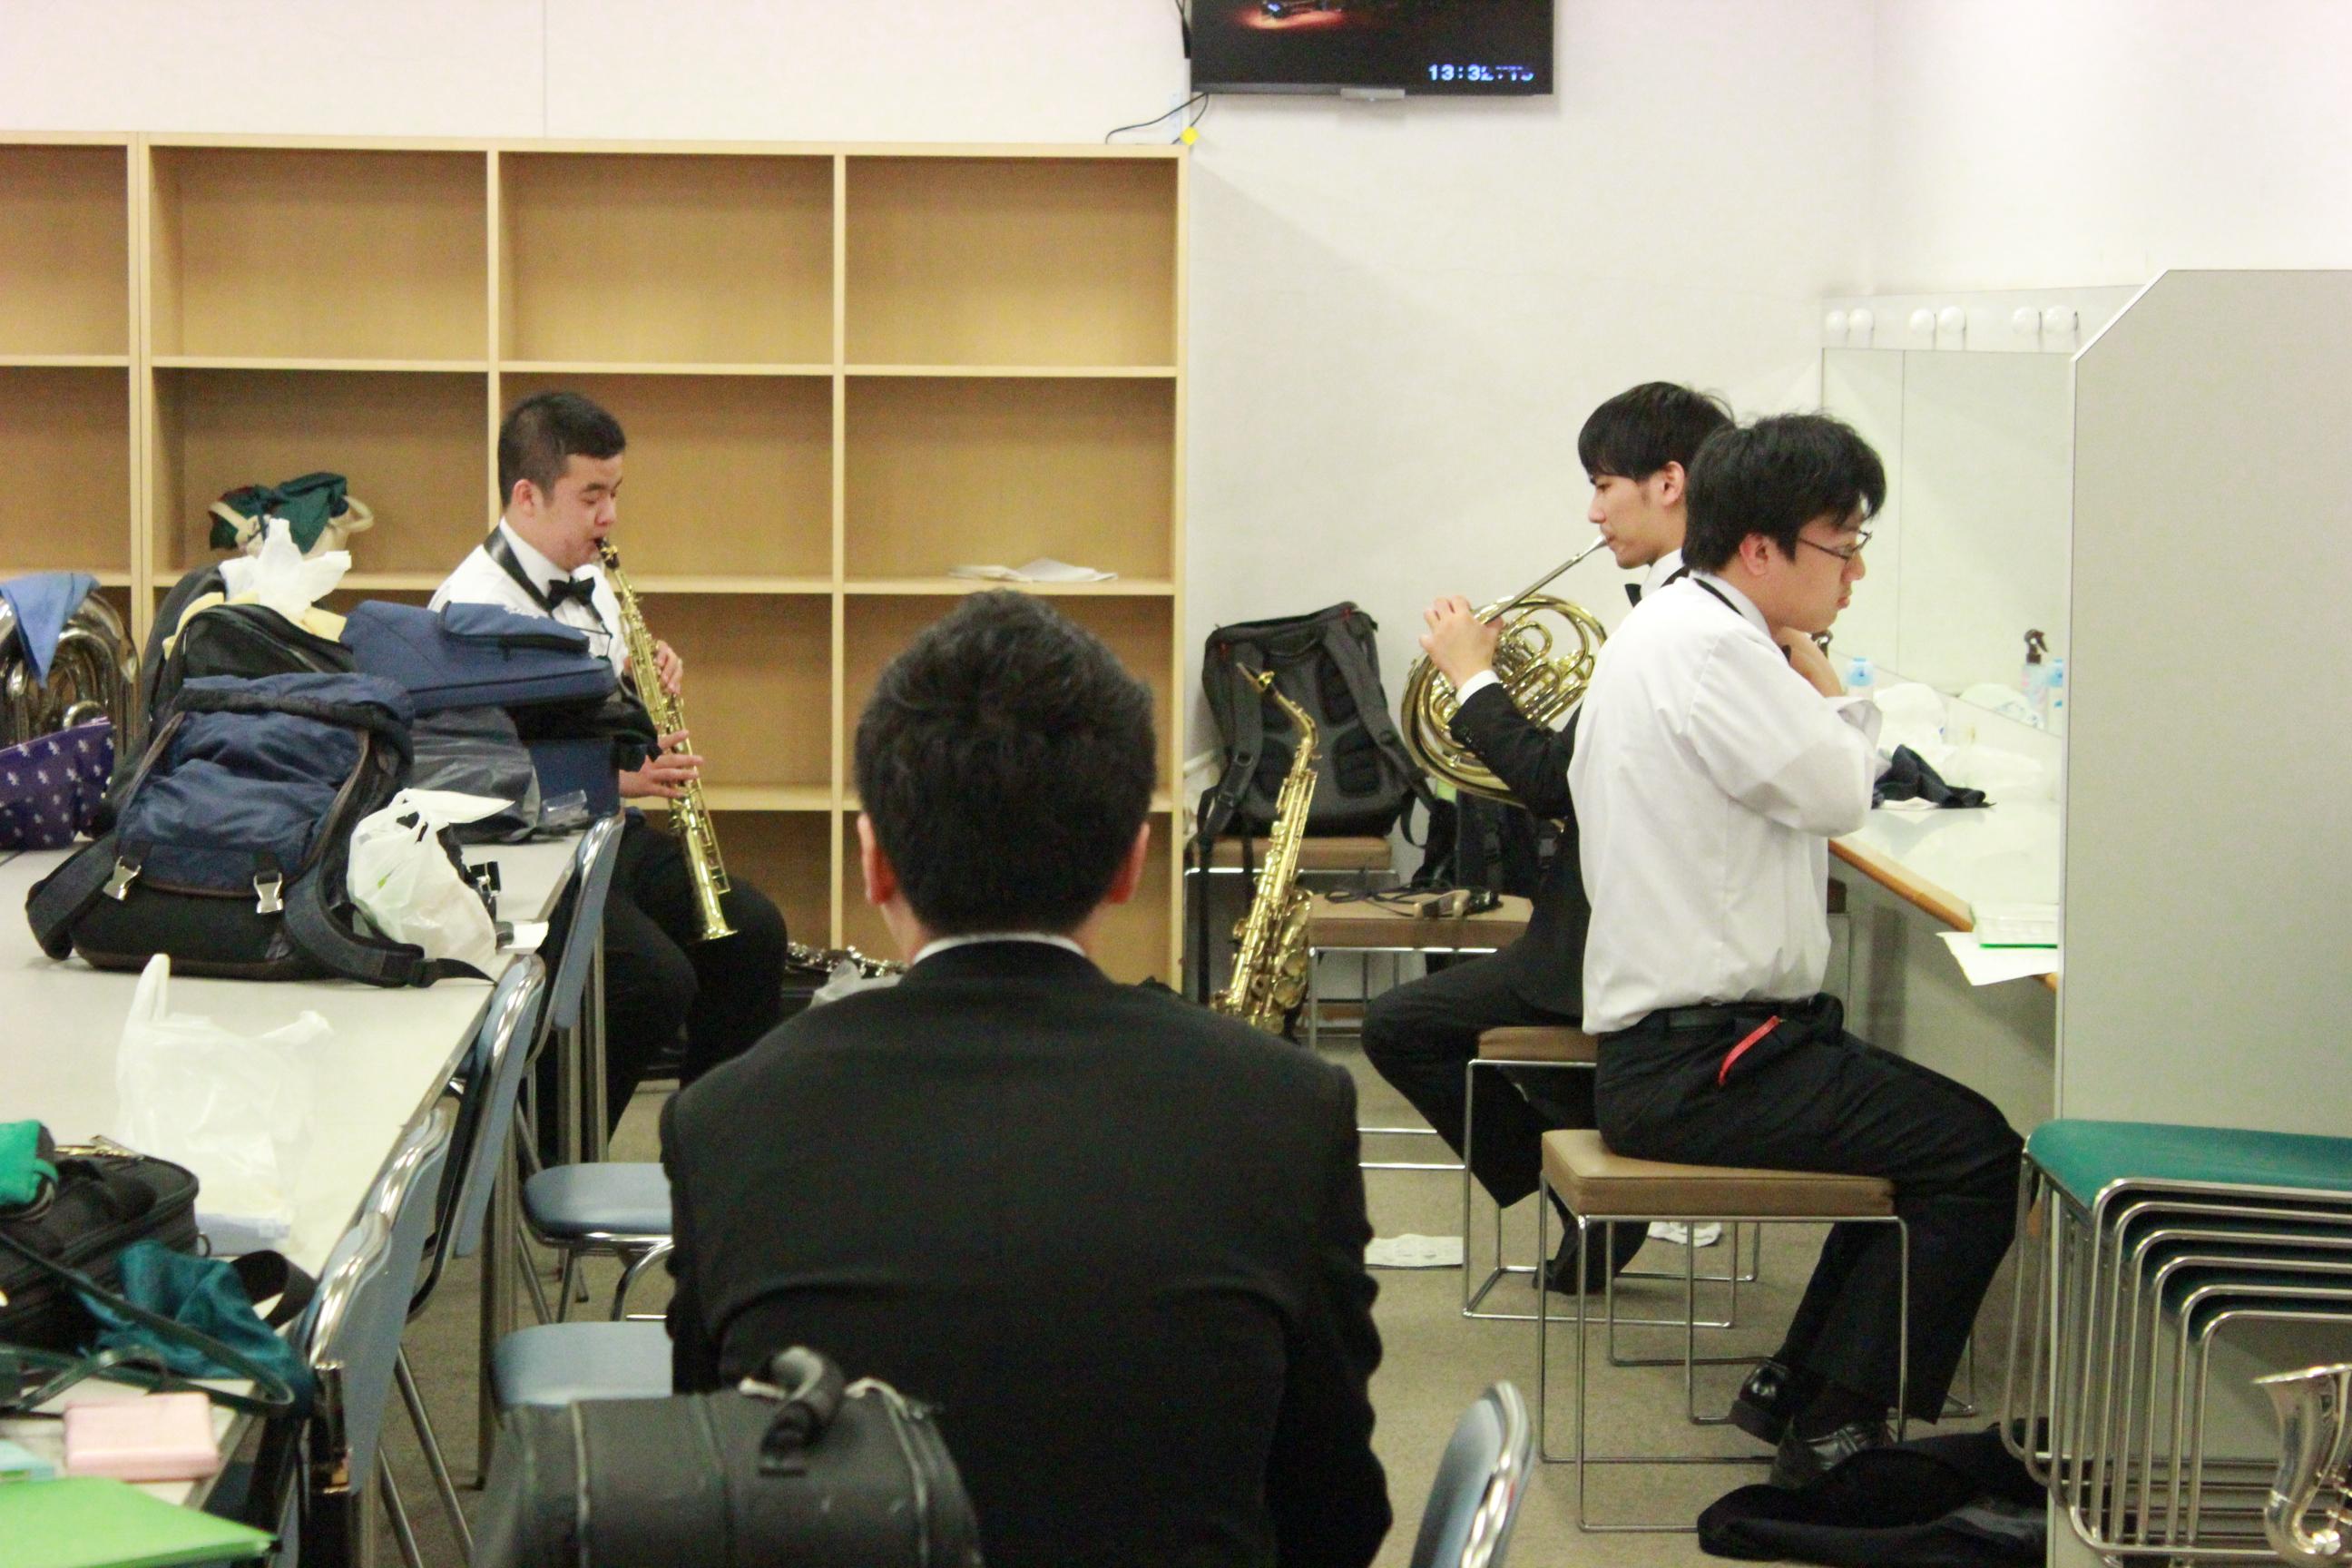 オペラシティコンサートホールの楽屋風景その2。学院生4名が鏡の前で身なりを整える姿や演奏の確認をする様子が写っています。